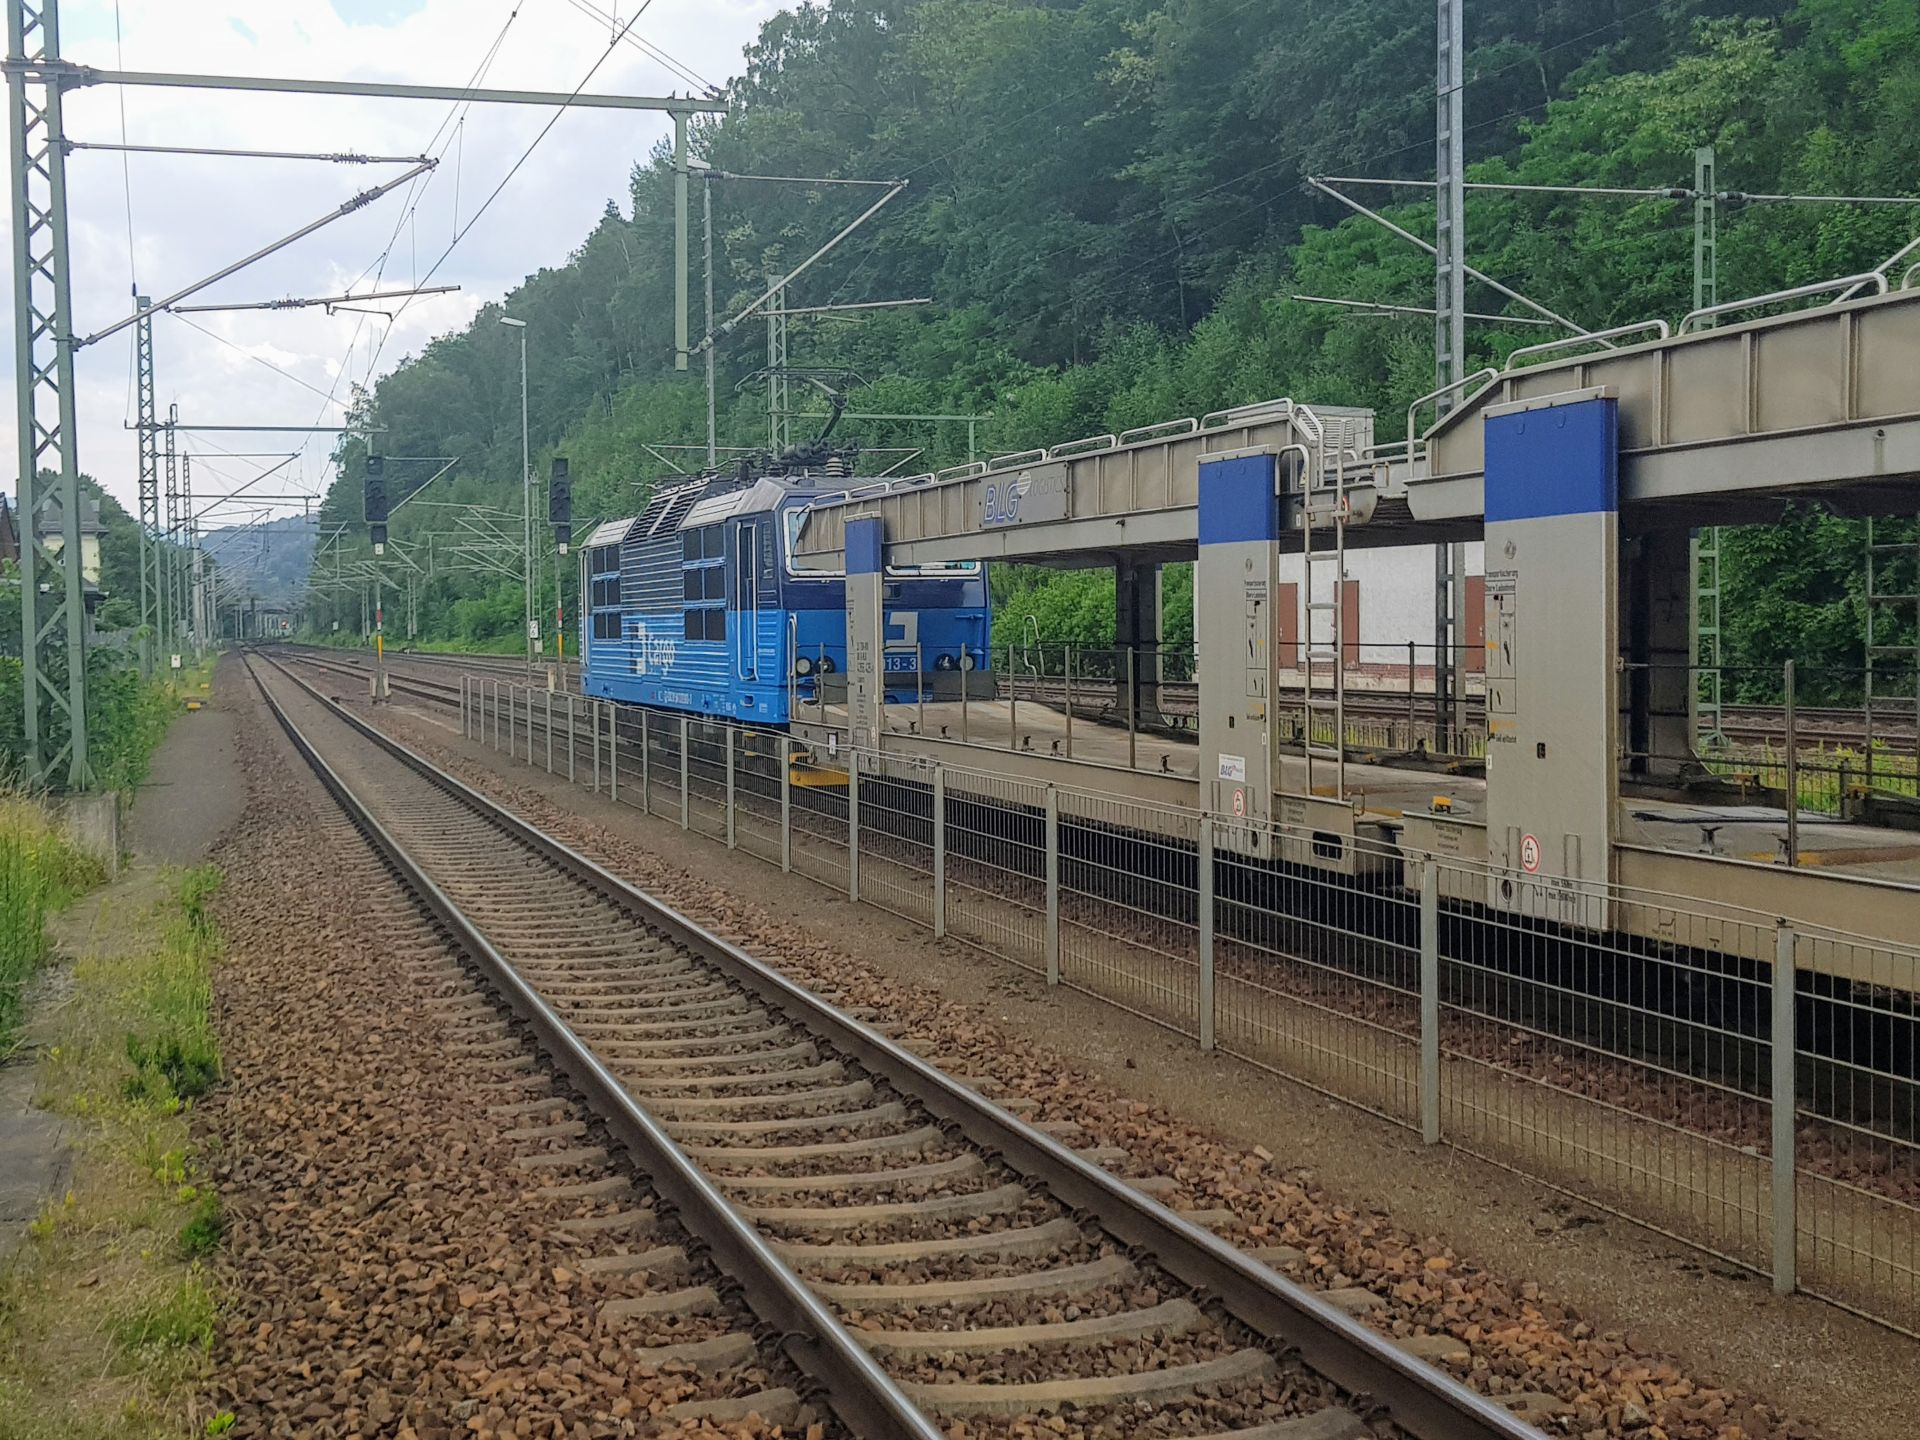 Nákladní vlak ČD Cargo v Bad Schandau čeká na povolení pro jízdu do Děčína. Foto: Jan Sůra / Zdopravy.cz